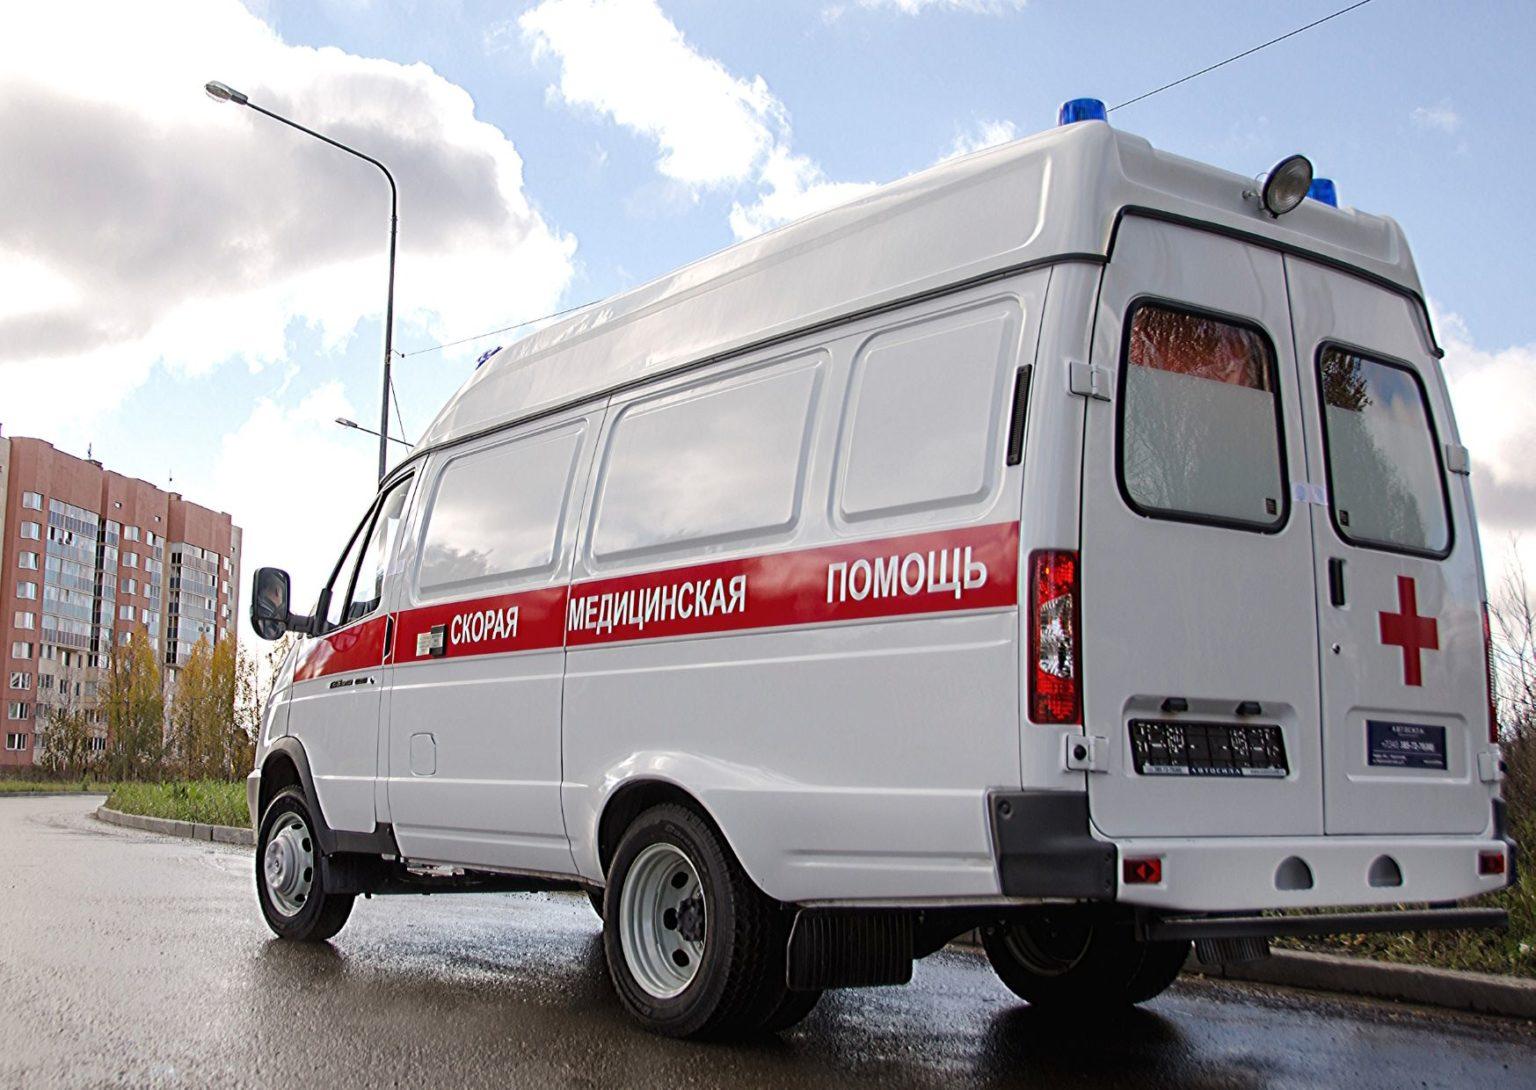 В Улан-Удэ 1500 вызовов приходится на 30 бригад скорой помощи